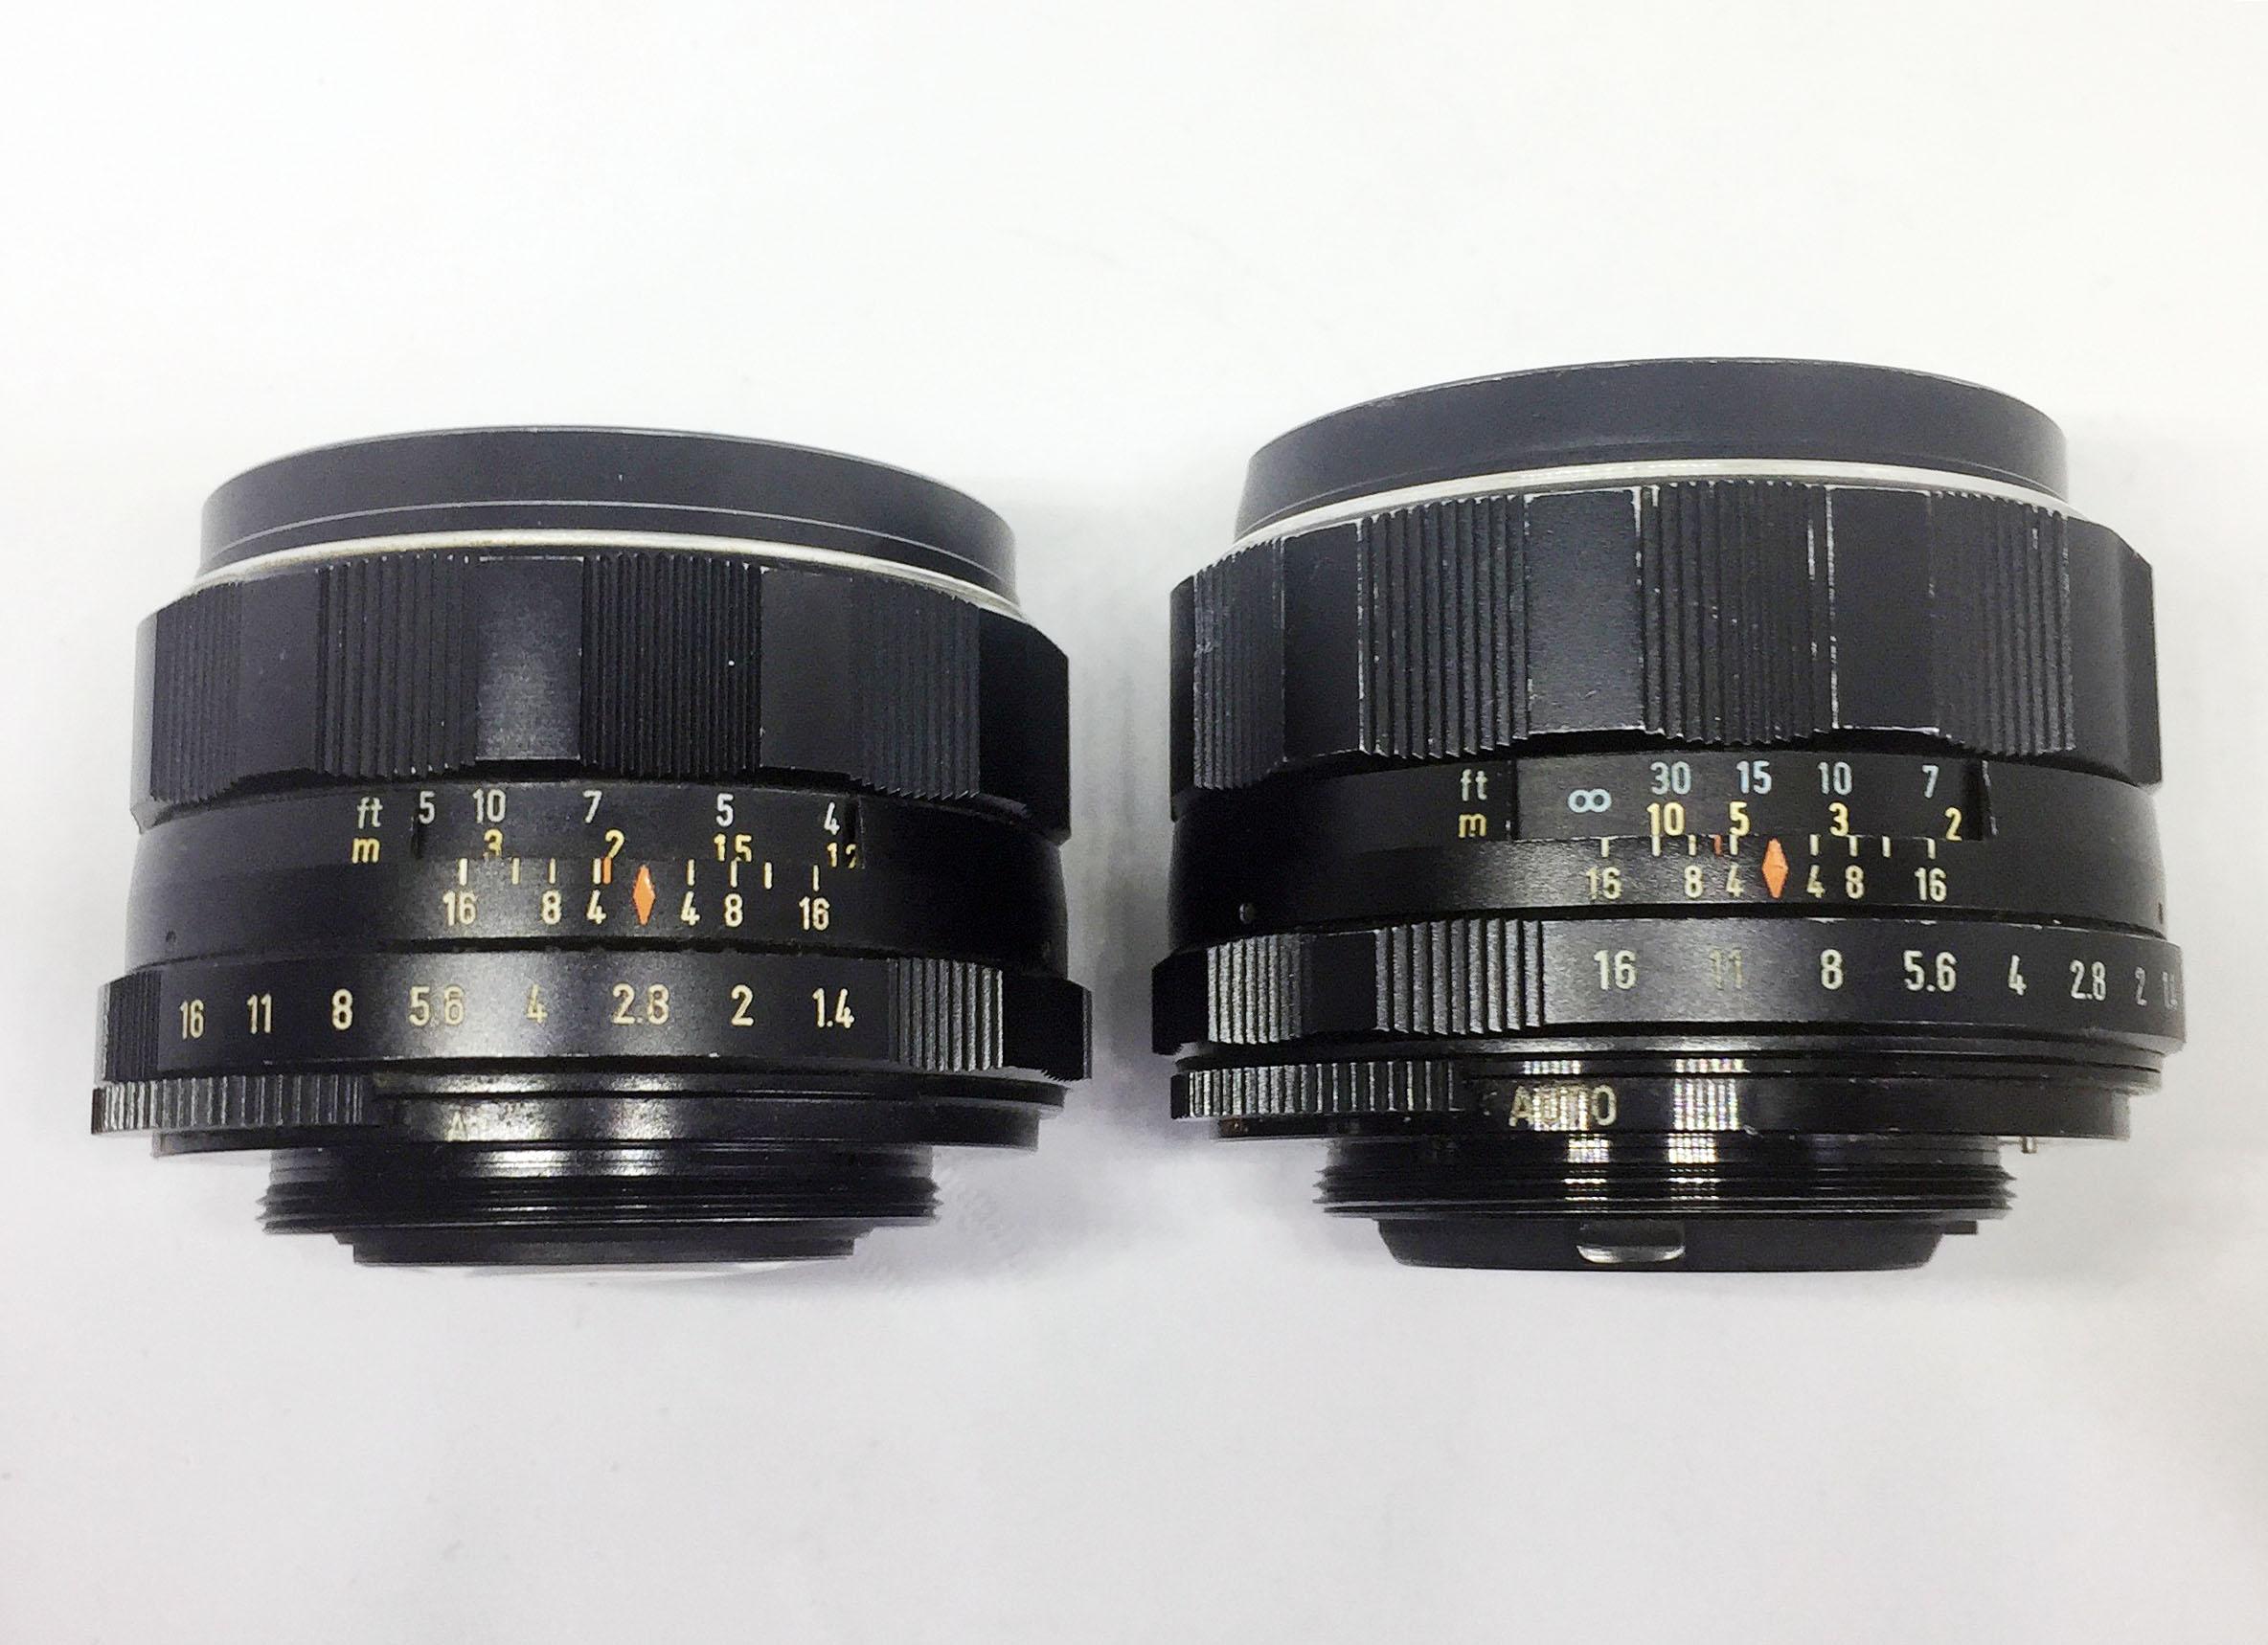 Super Takumar 50mm f1.4